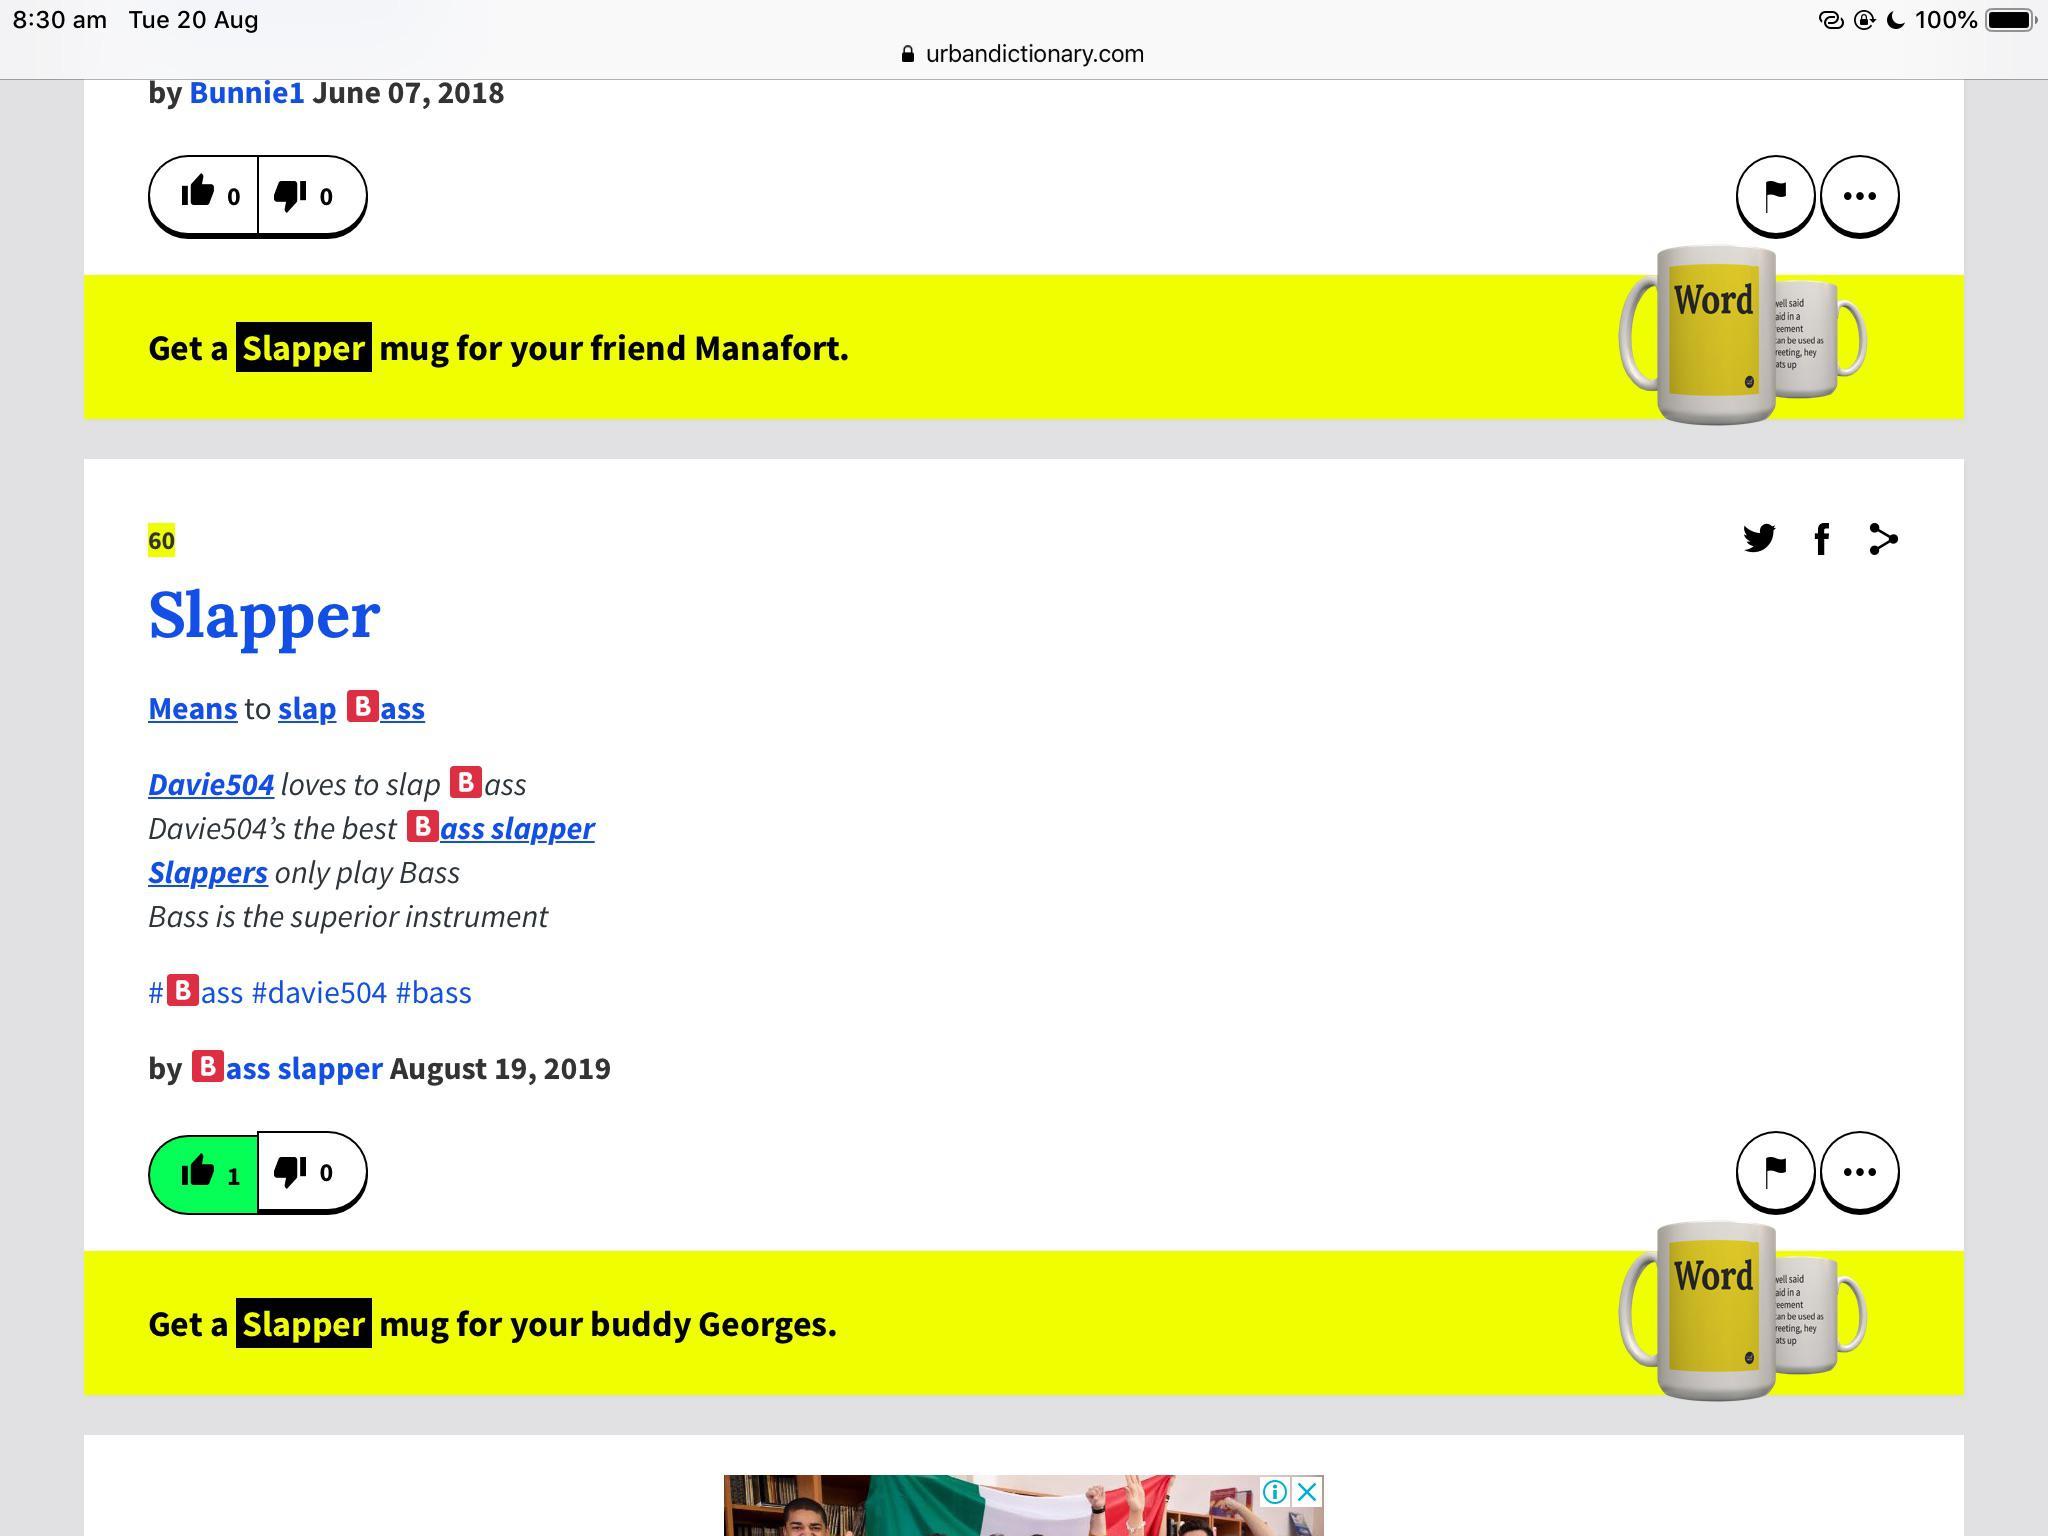 the definition for slapper